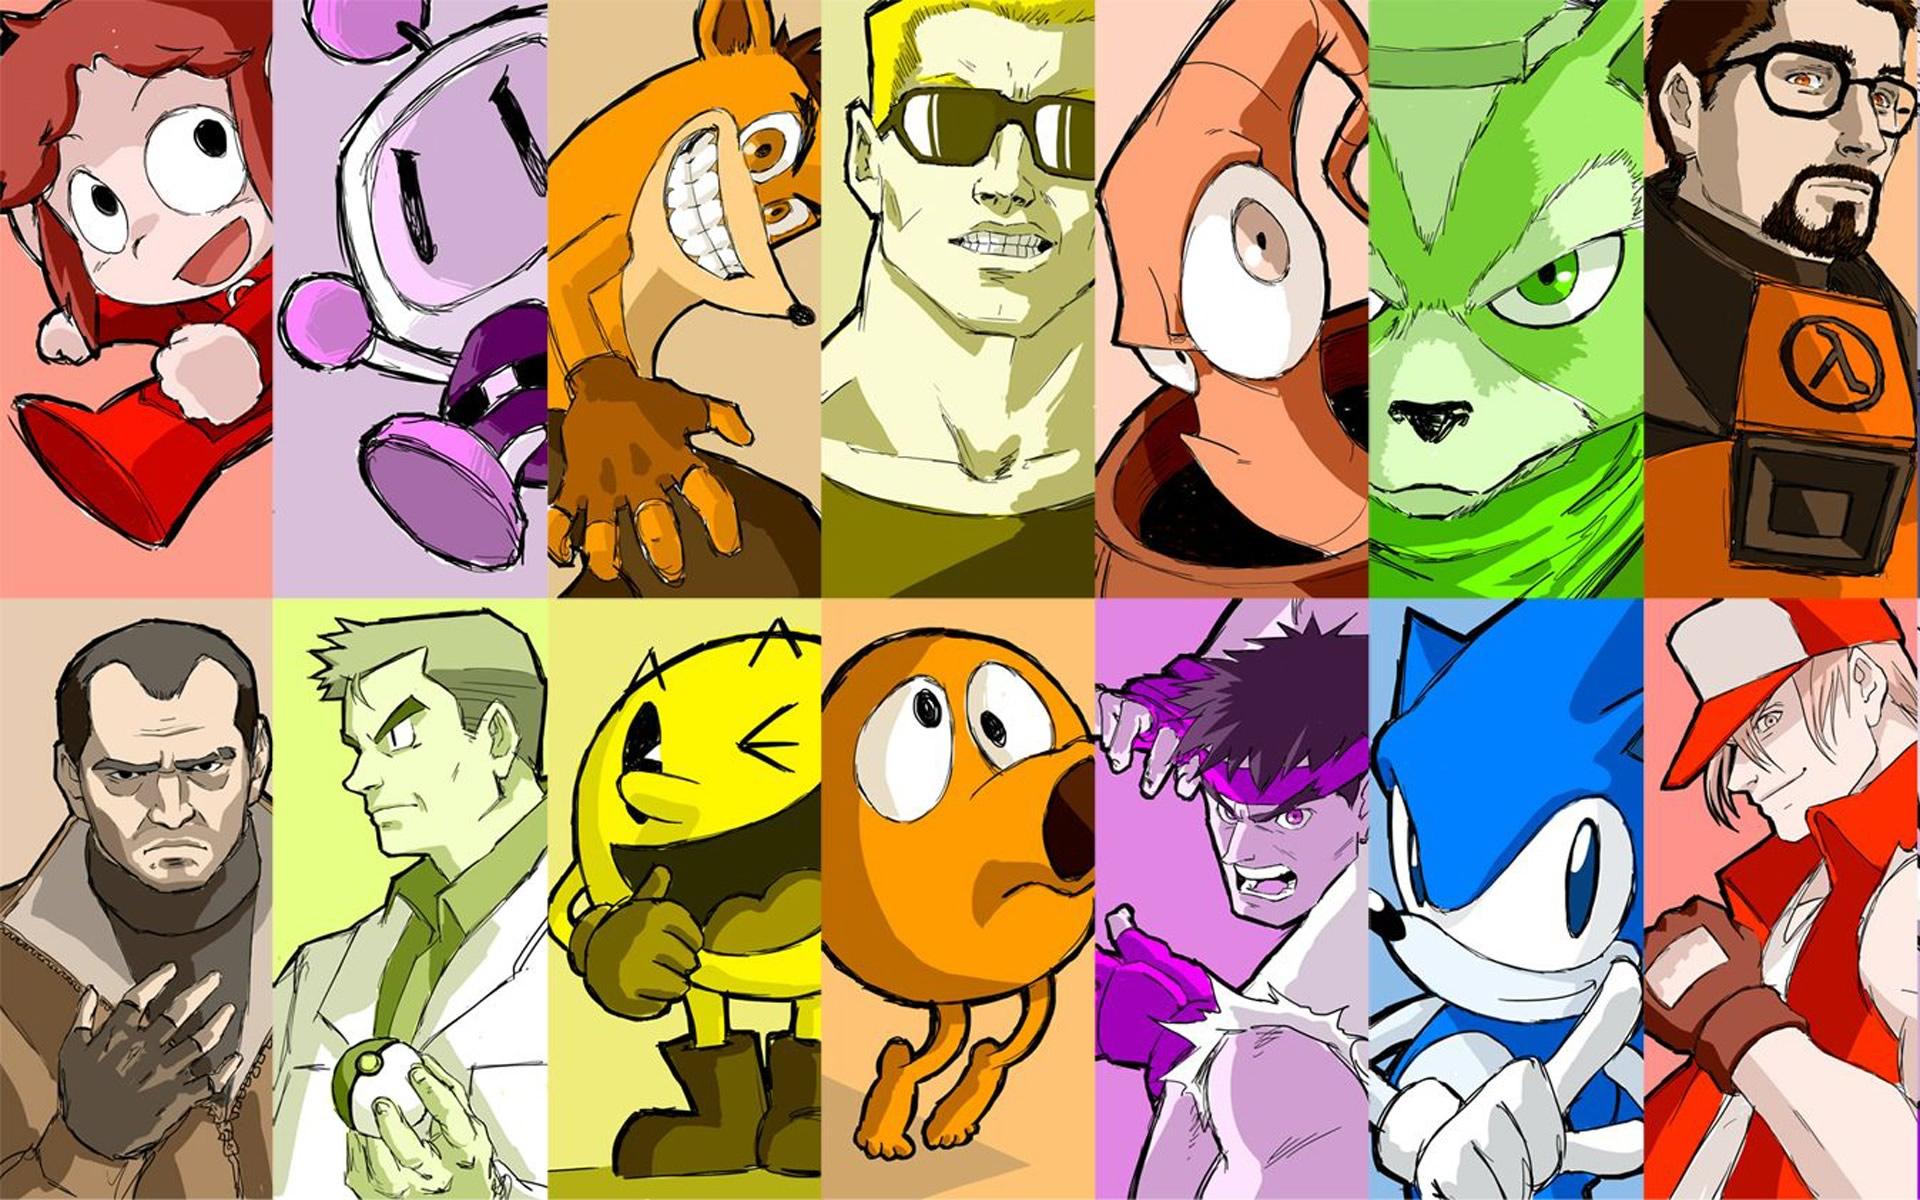 Personajes De Videojuegos Encuentra Aqui El Mejor Wallpaper De Internet